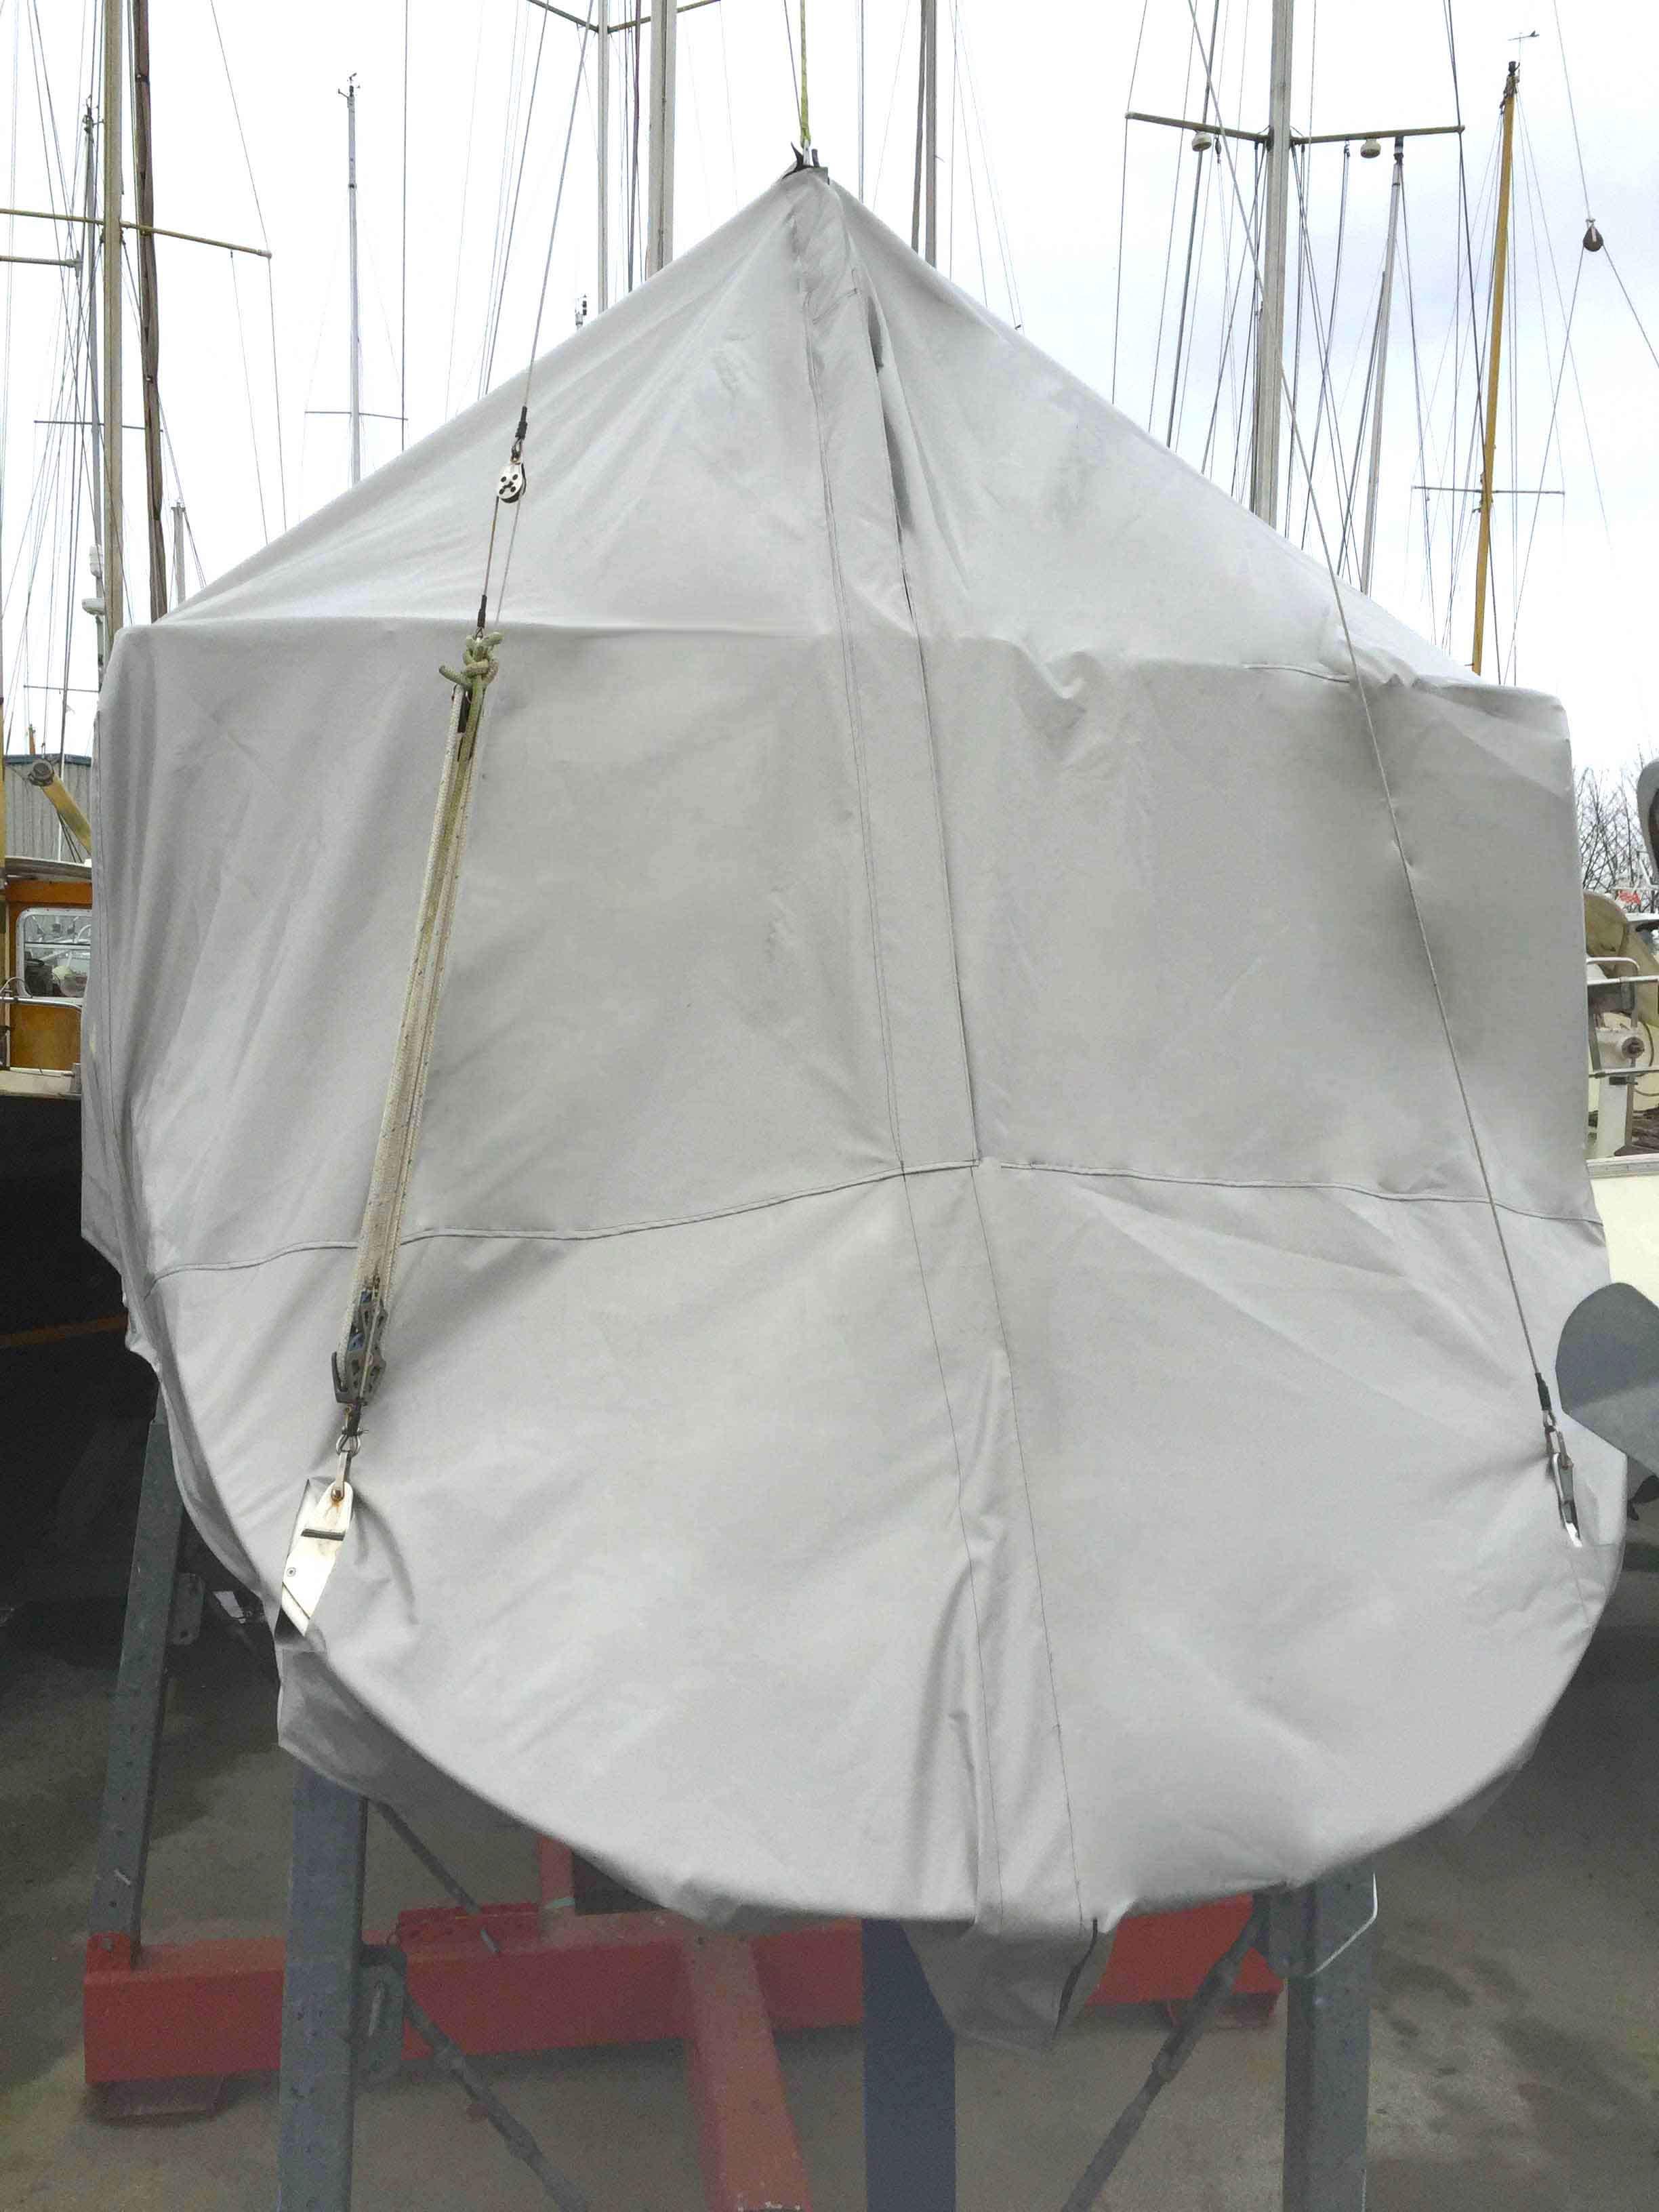 dekzeil-spiegel-zeilboot